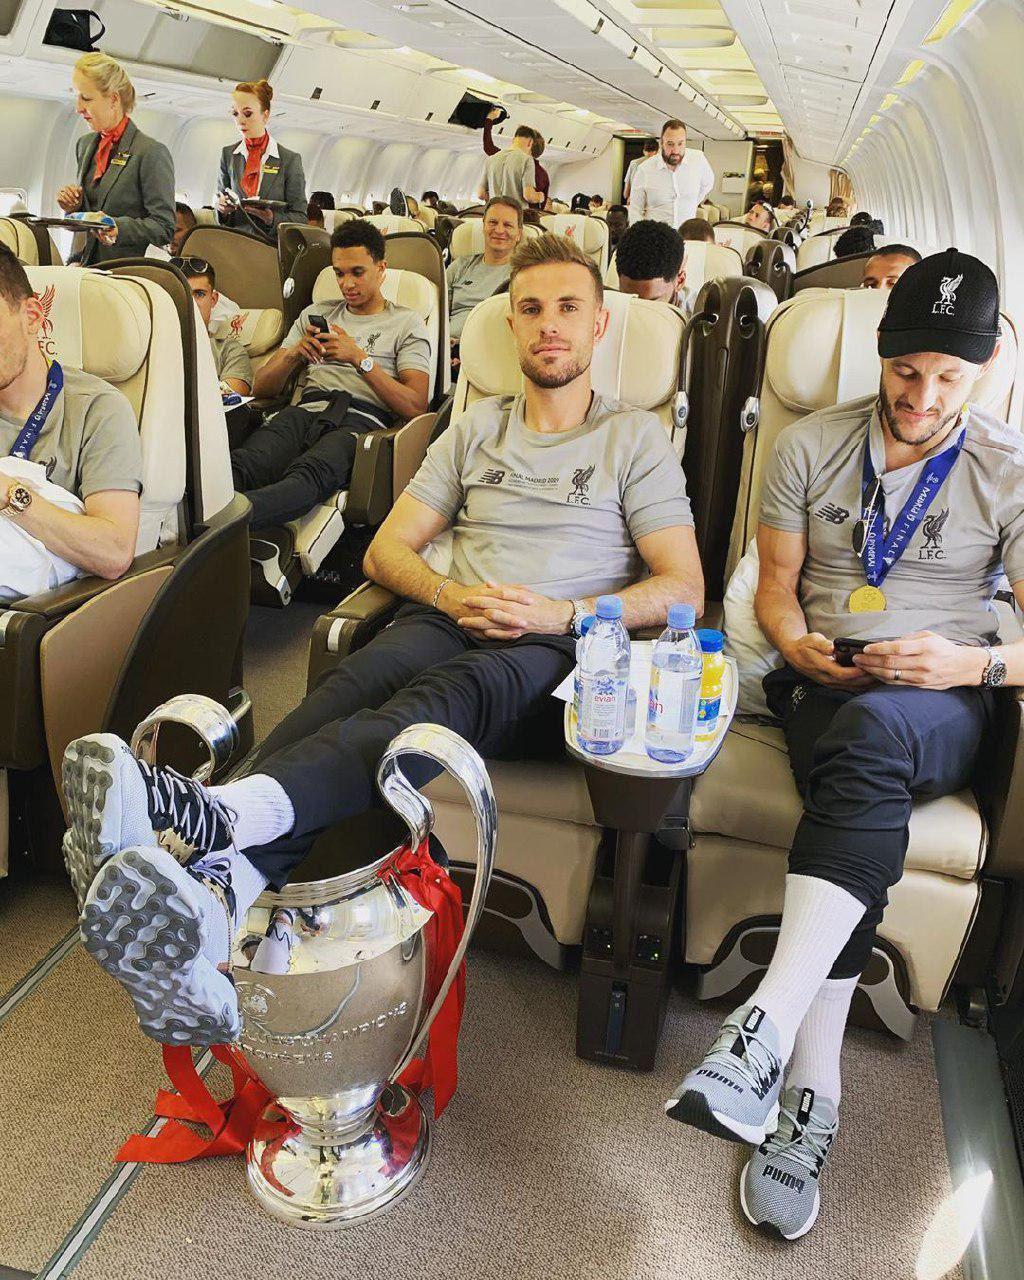 حرکت عجیب کاپیتان لیورپول با جام قهرمانی